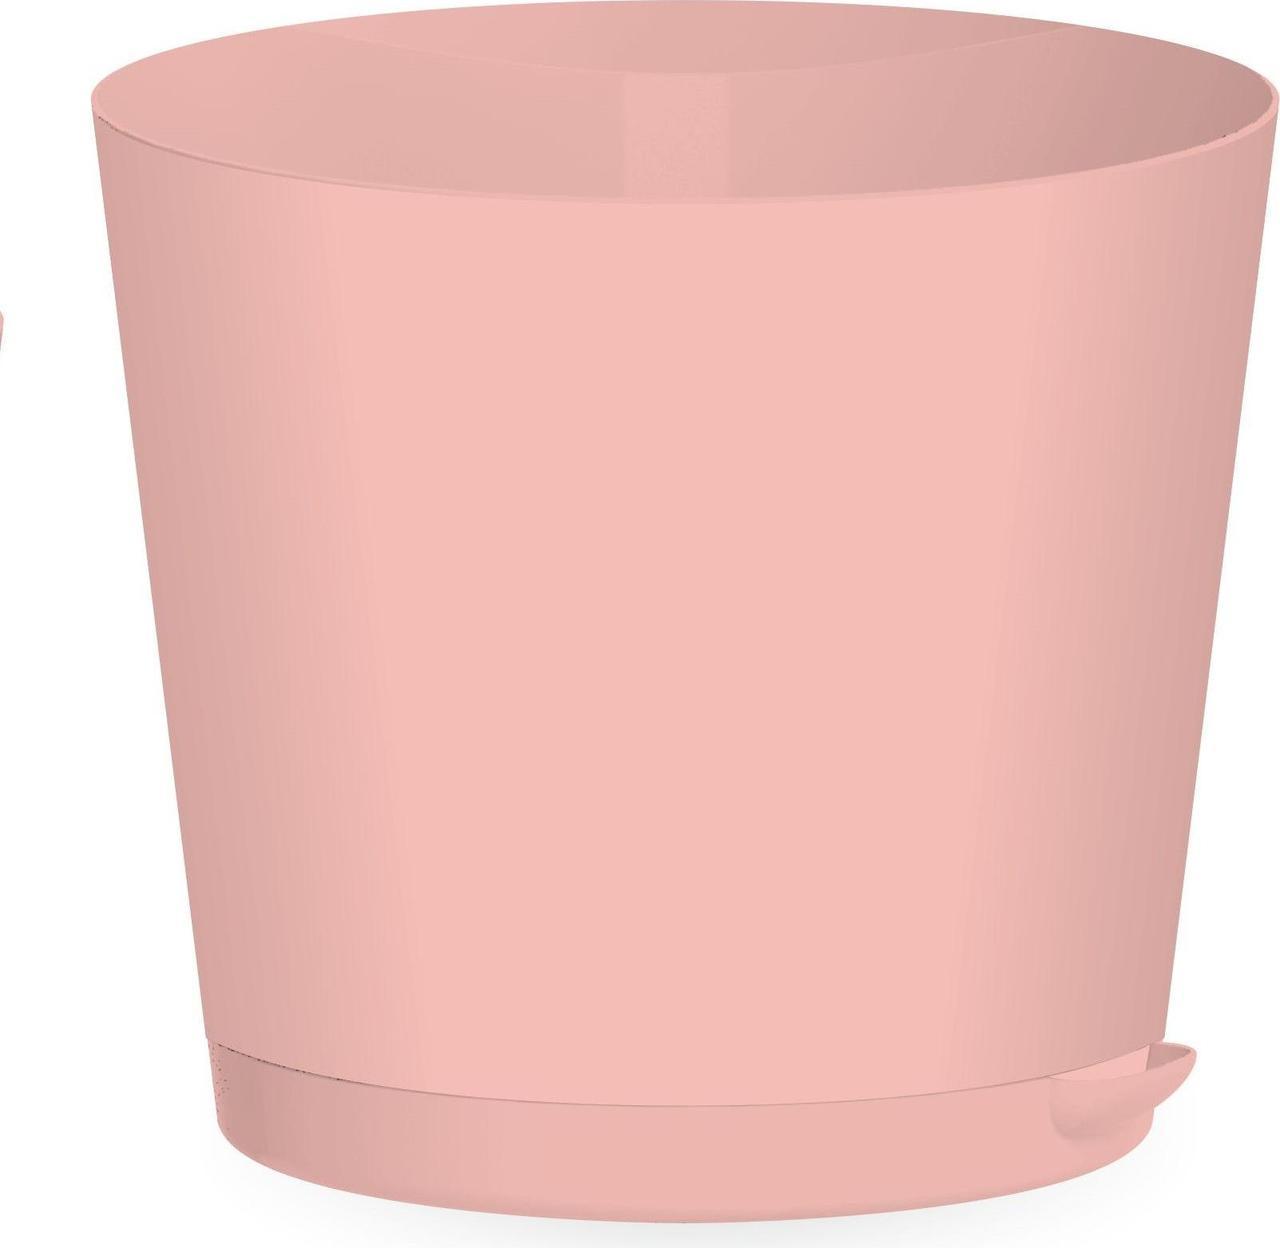 Горшок для цветов Easy Grow D 160 с прикорневым поливом 2 л английская роза